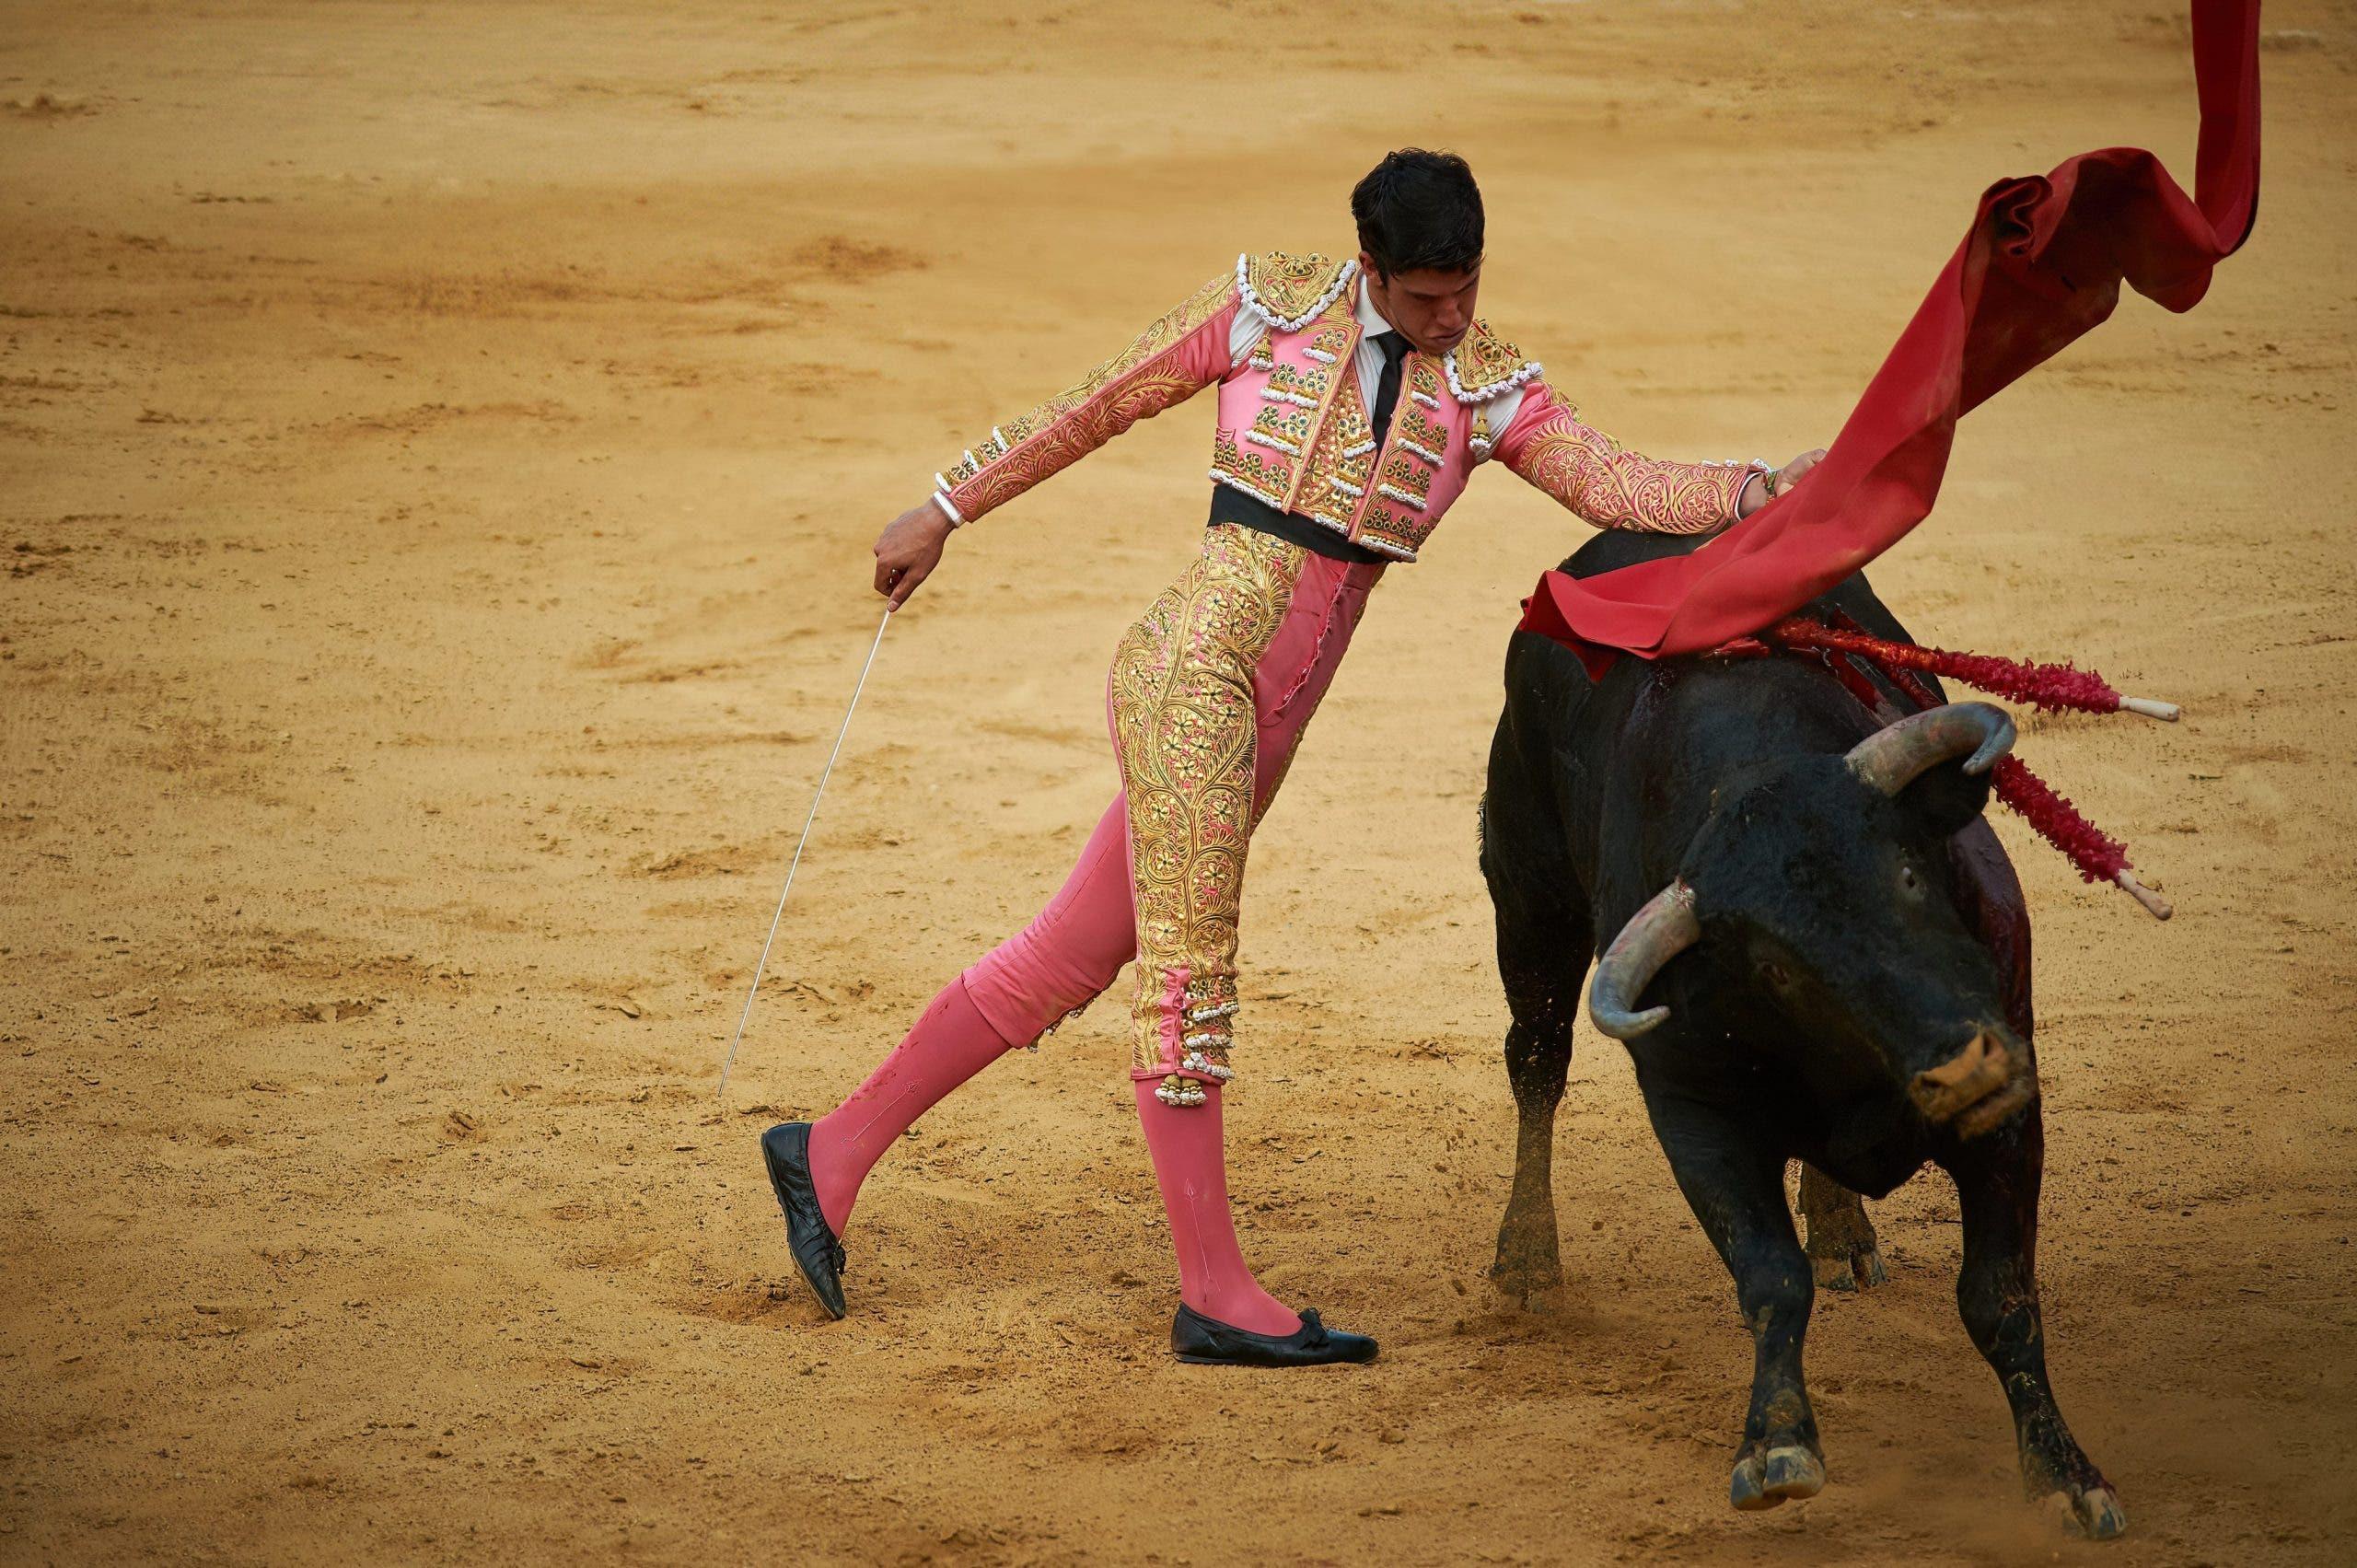 Bullfighting At The Plaza De Toros Tudela (plaza De Toros De Tudela) In Spain 23 May 2021